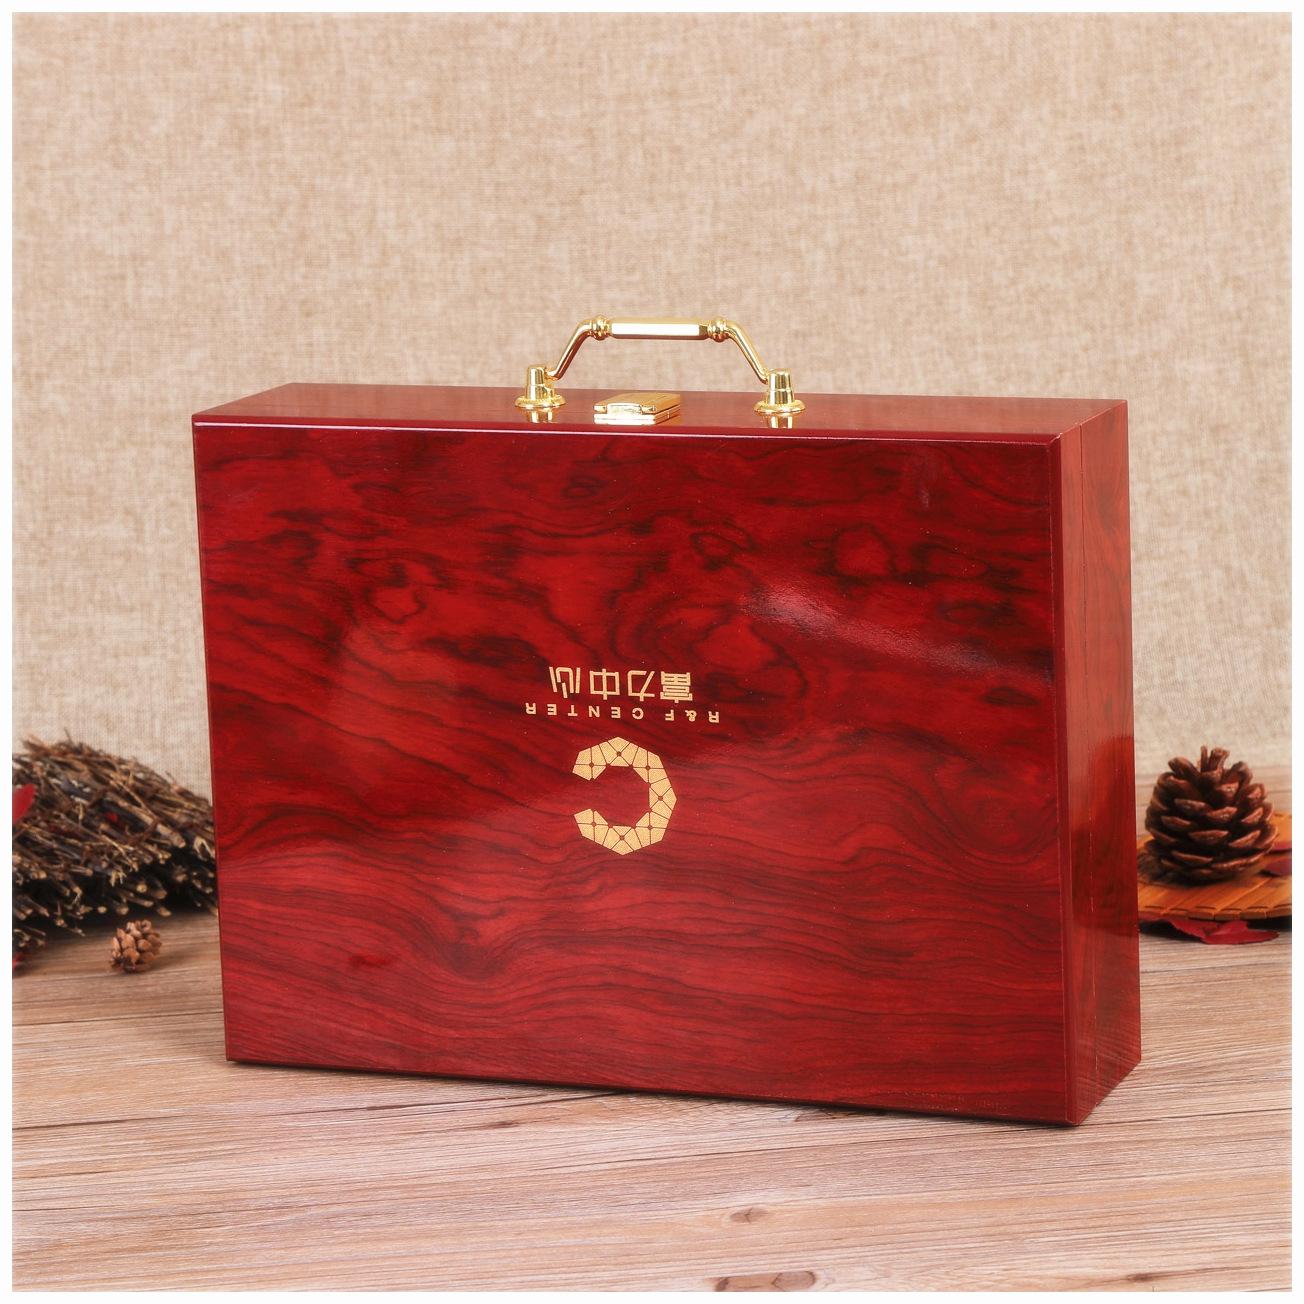 WEICHENG Hộp gỗ Nhà sản xuất tùy chỉnh cao cấp hộp gỗ hộp quà tặng giao hàng bằng gỗ hộp xách tay ch